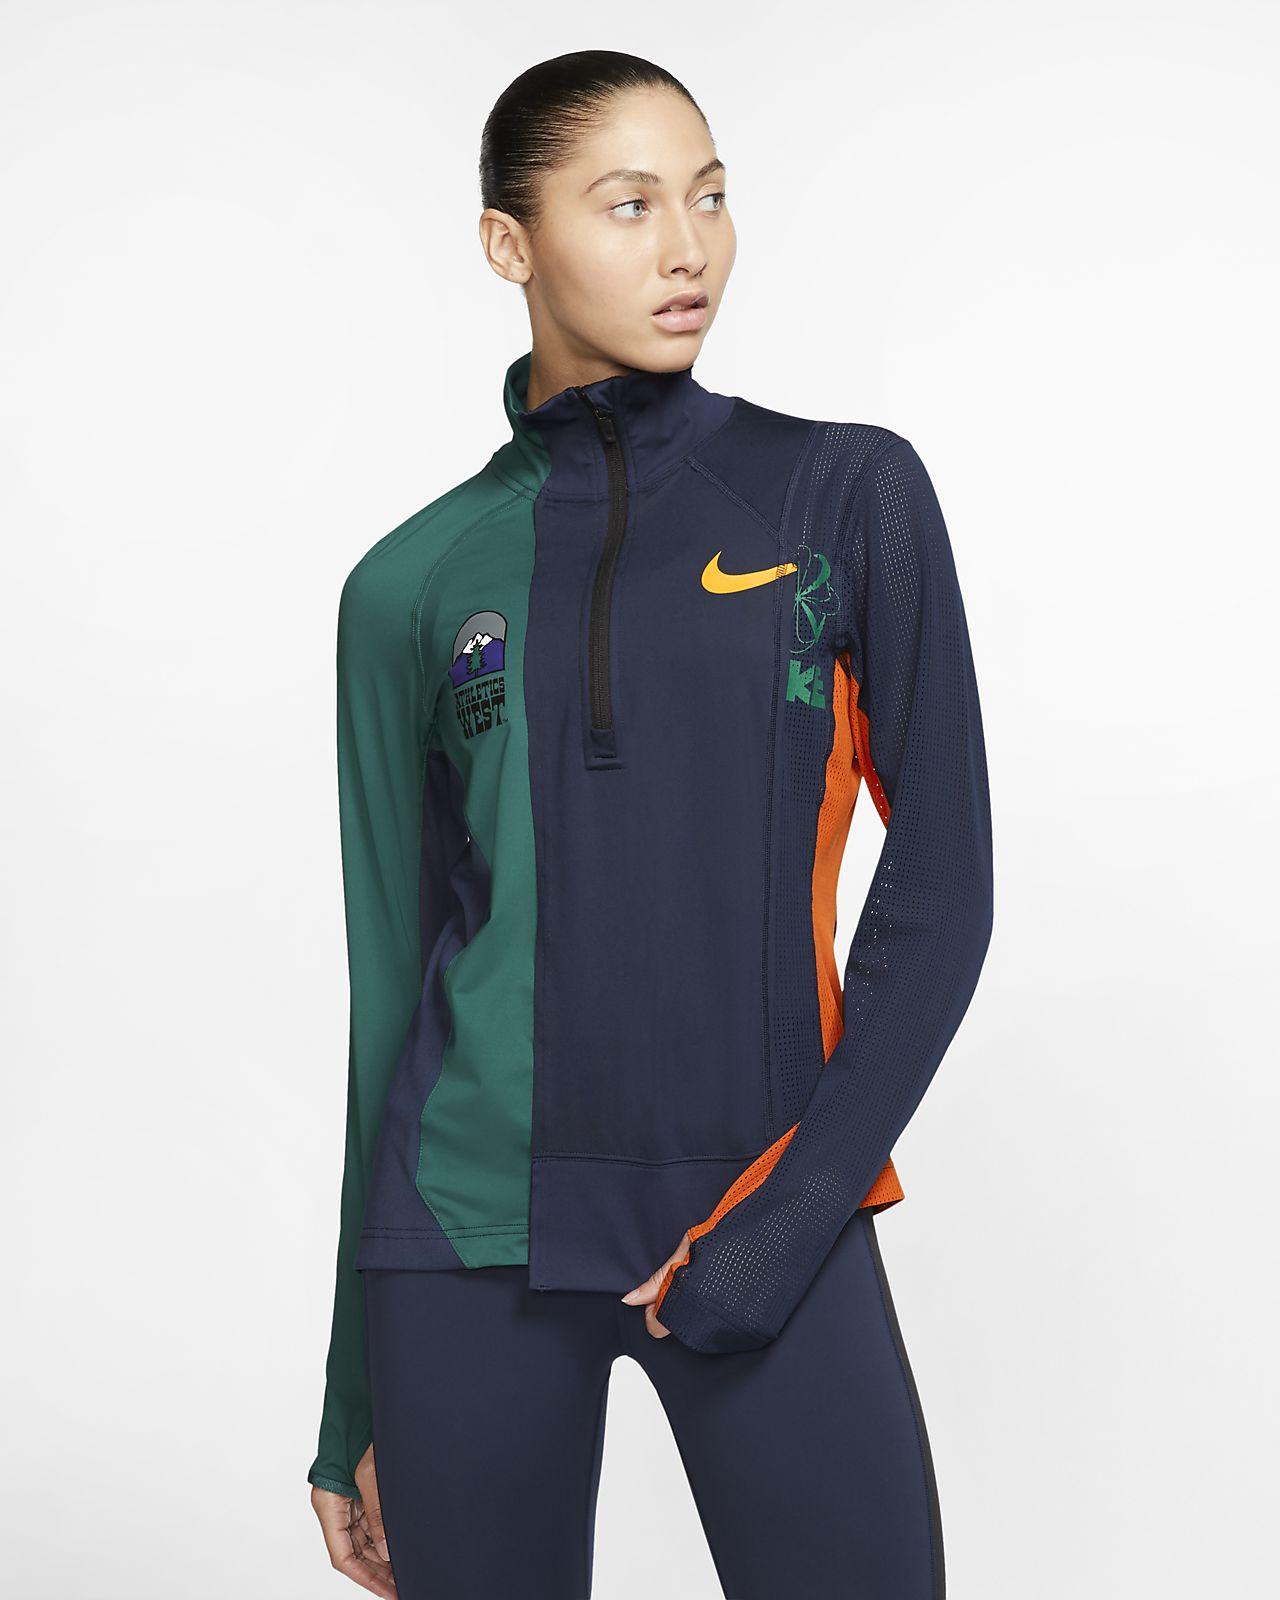 Nike x Sacai 女子半长拉链开襟跑步上衣